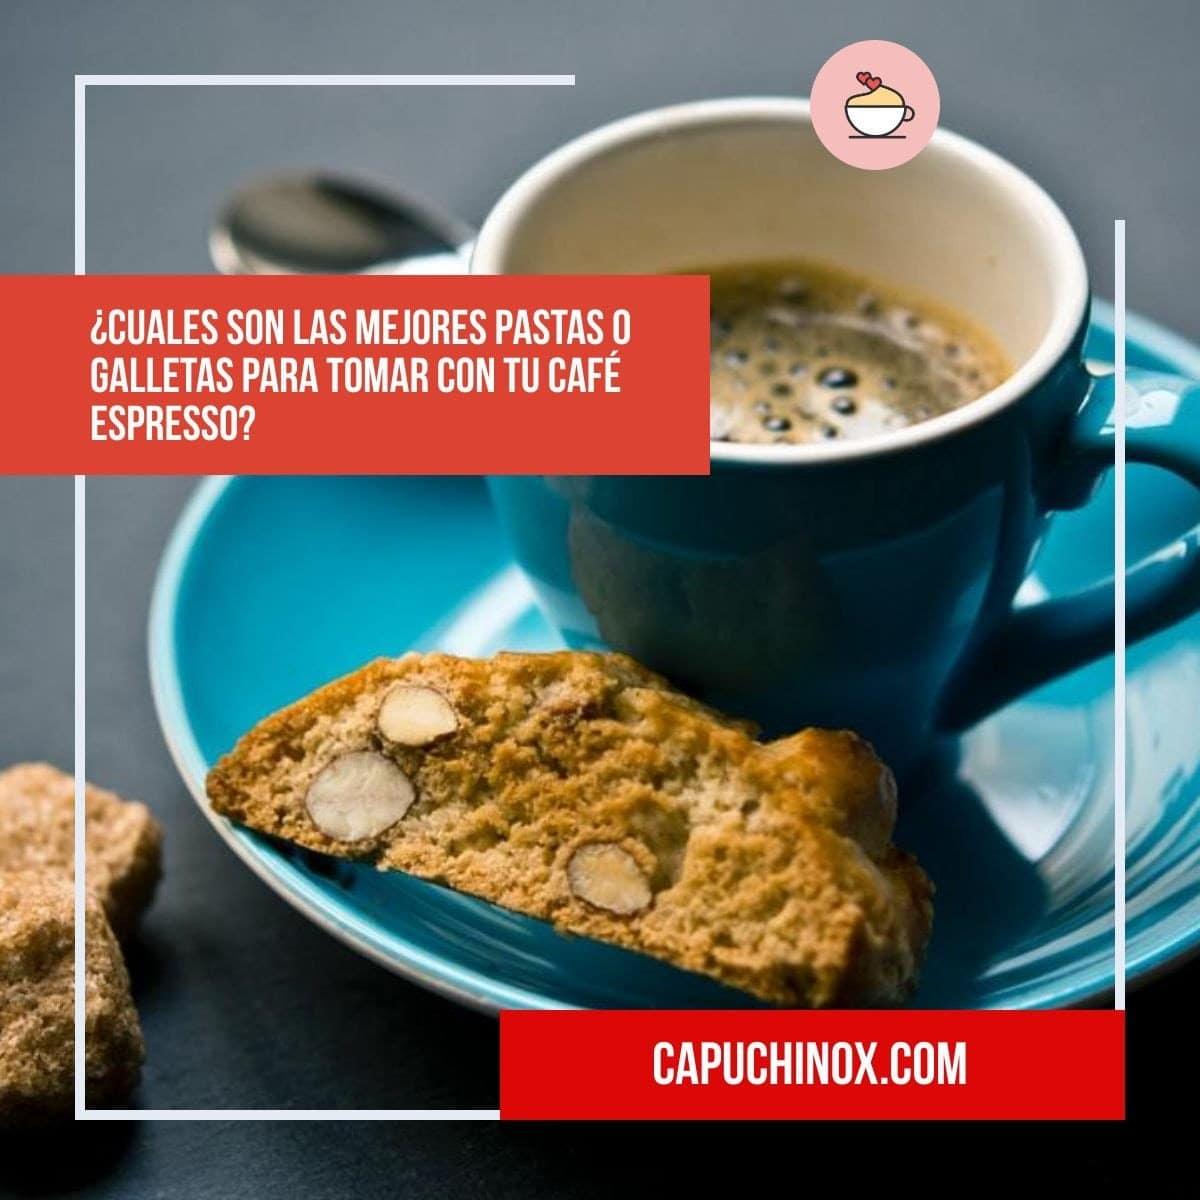 ¿Cuales son las mejores pastas o galletas para tomar con tu café espresso?